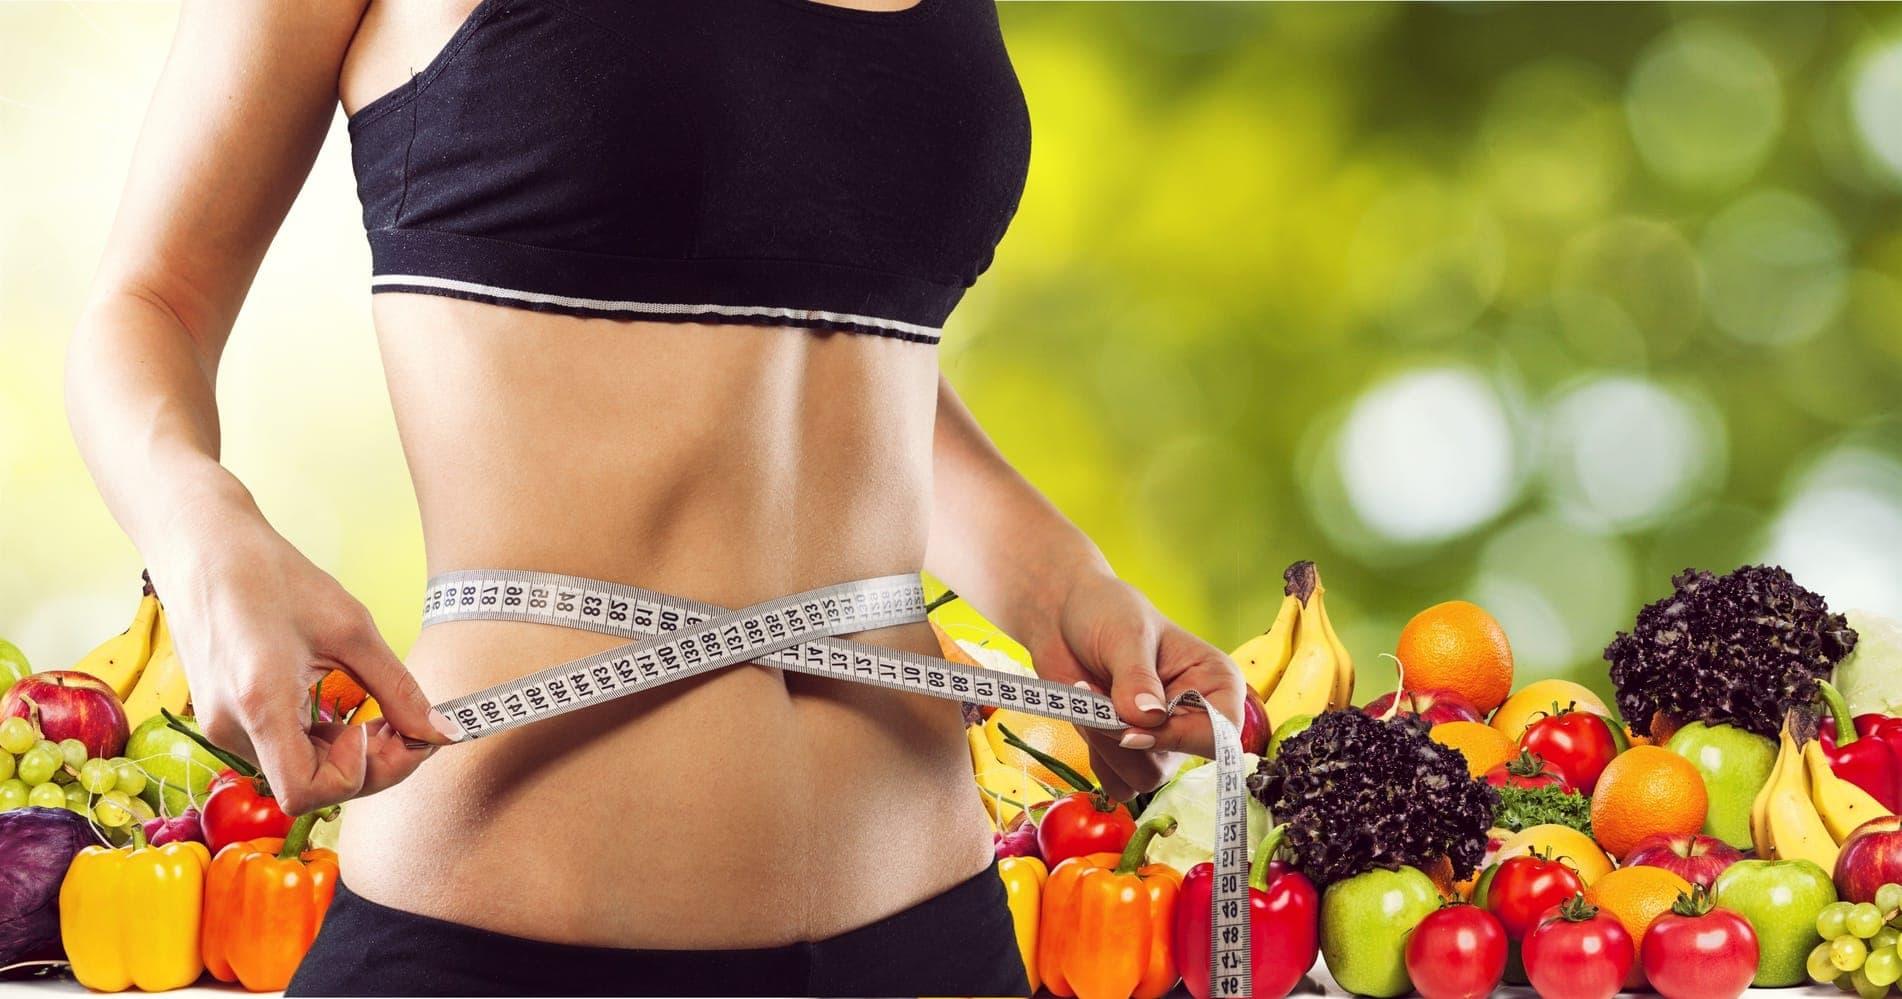 lieknėjimo tarptautinė dieta lieknėjimo korma